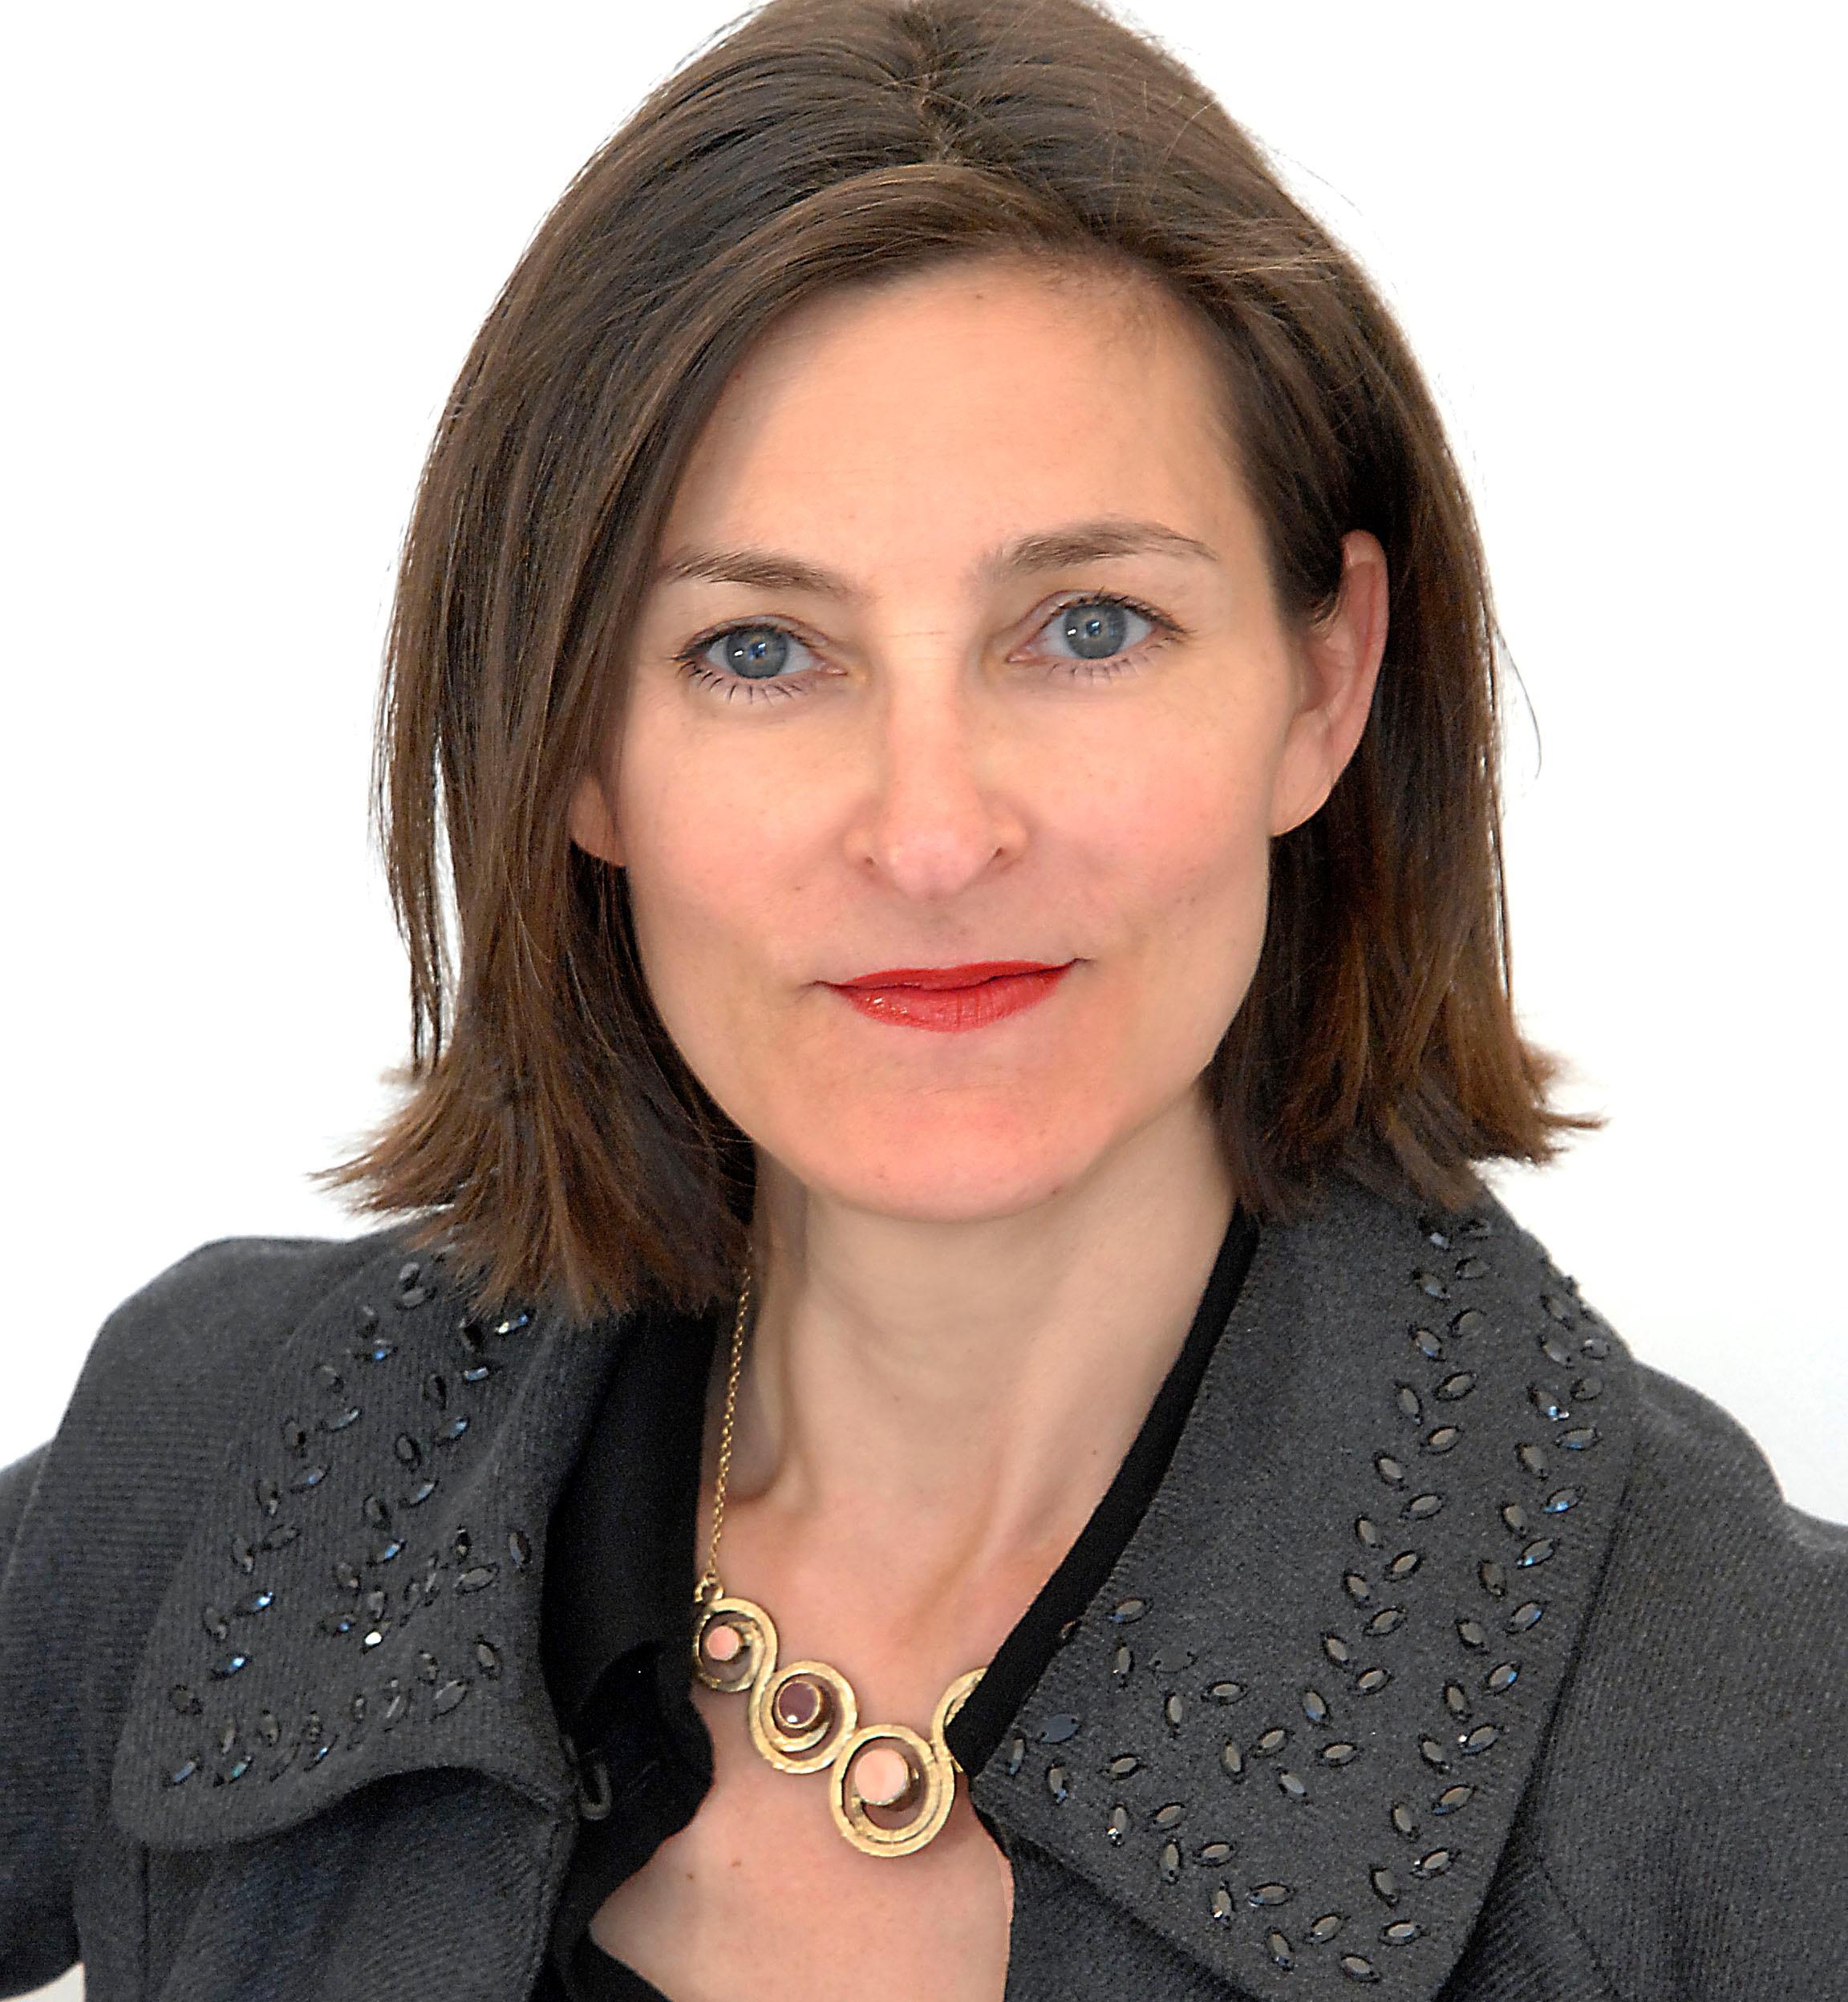 Denise Pia